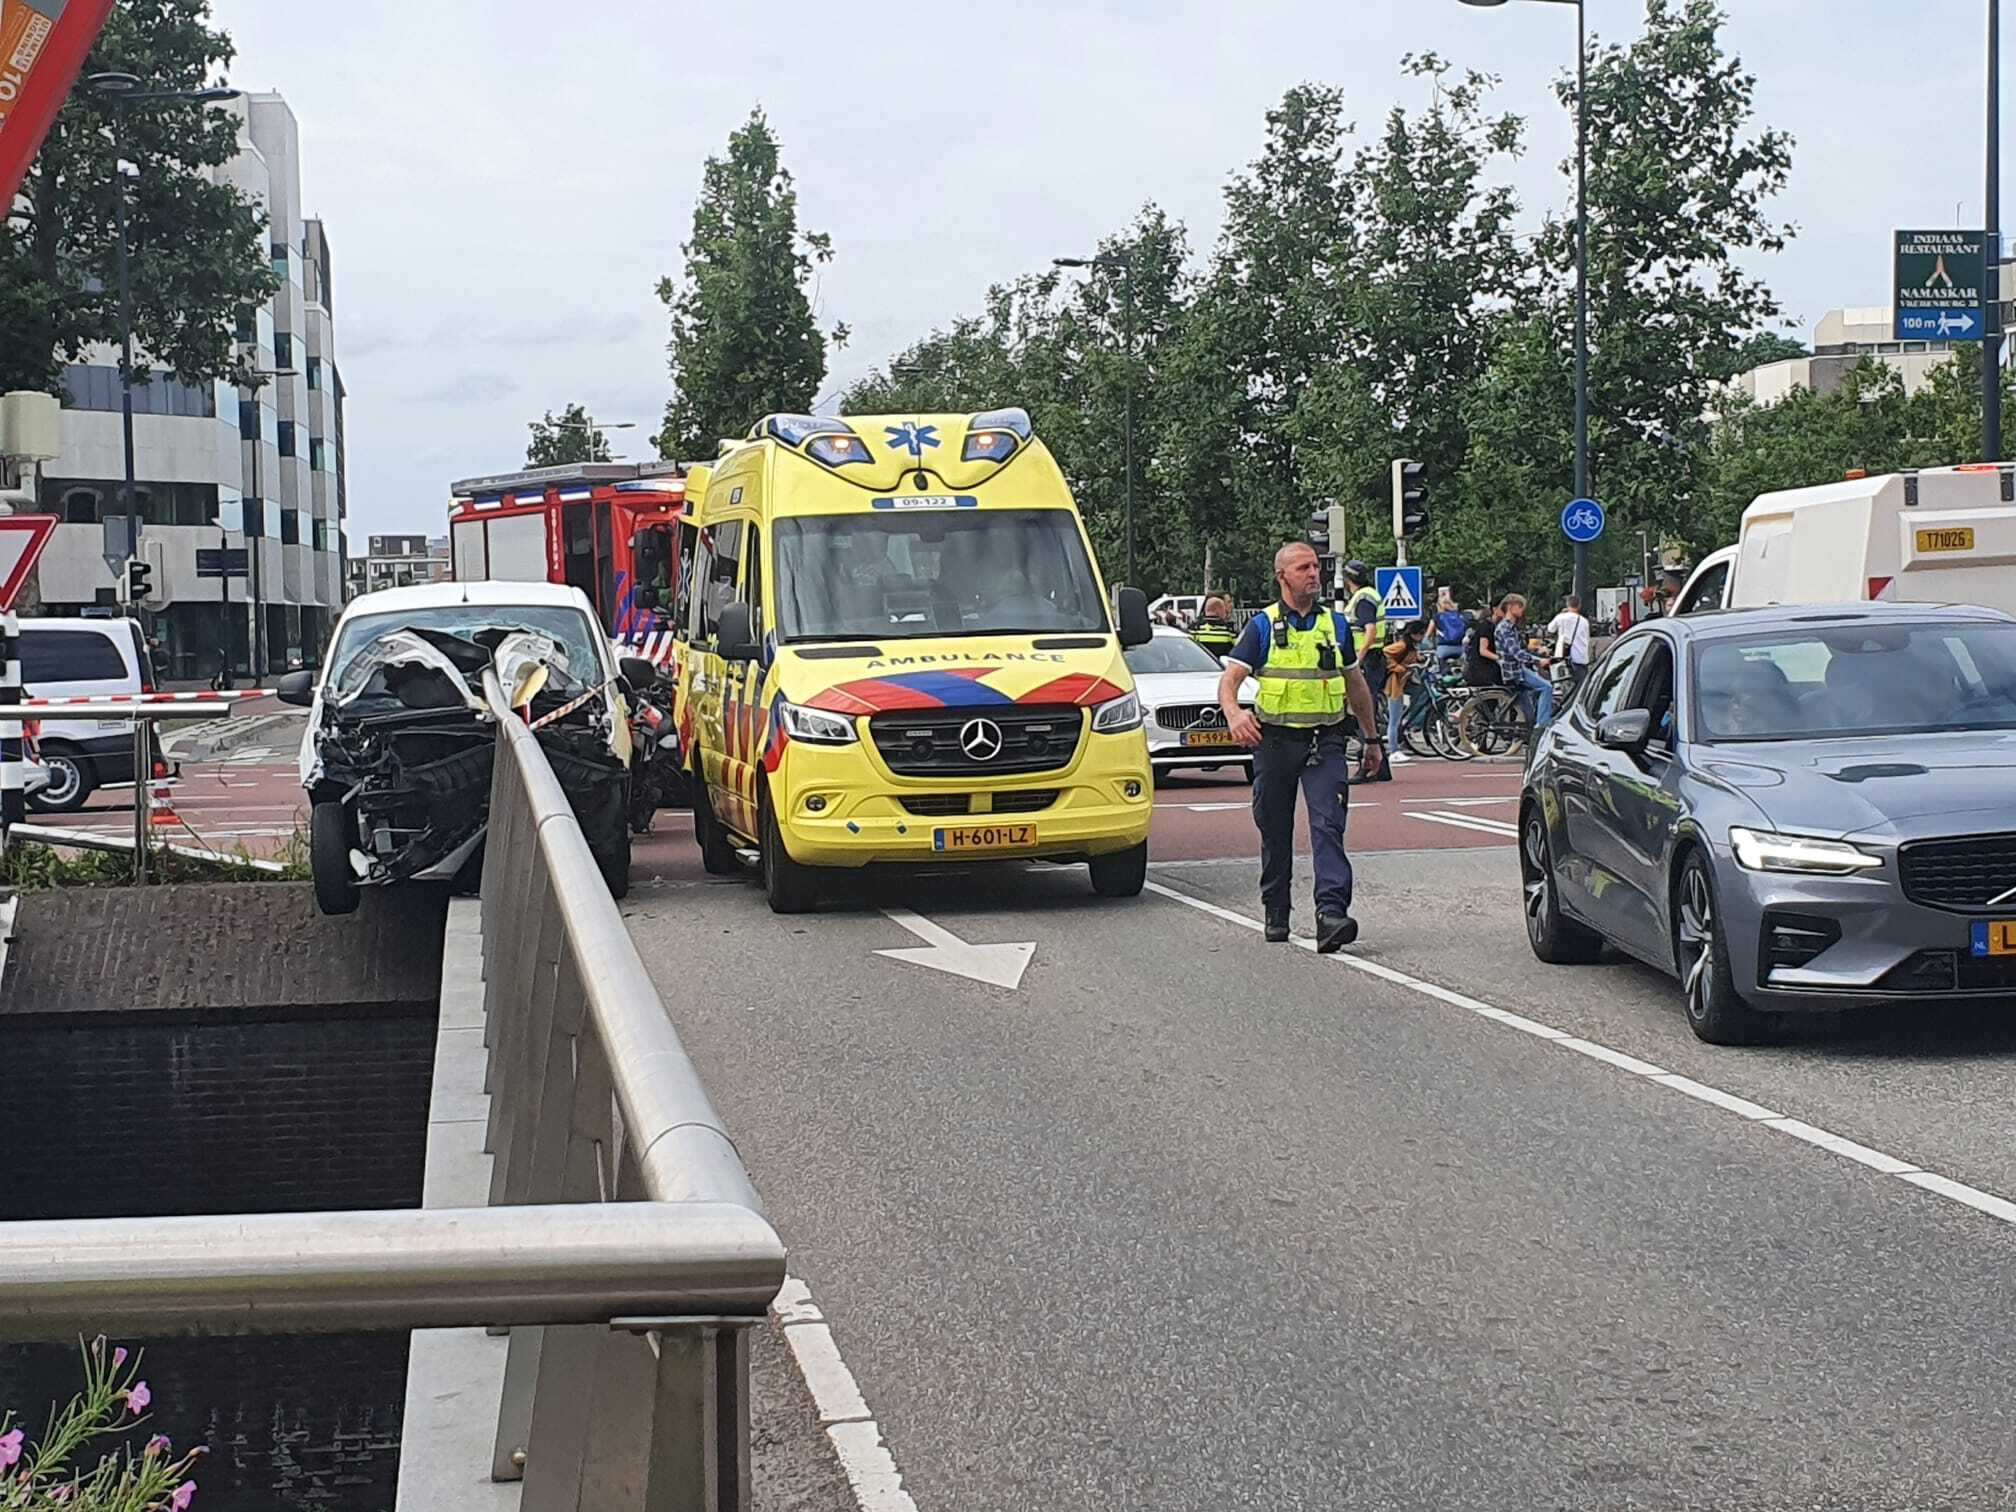 Zwaar ongeluk op Utrechtse Catharijnesingel; automobilist had harddrugs en lachgas op.